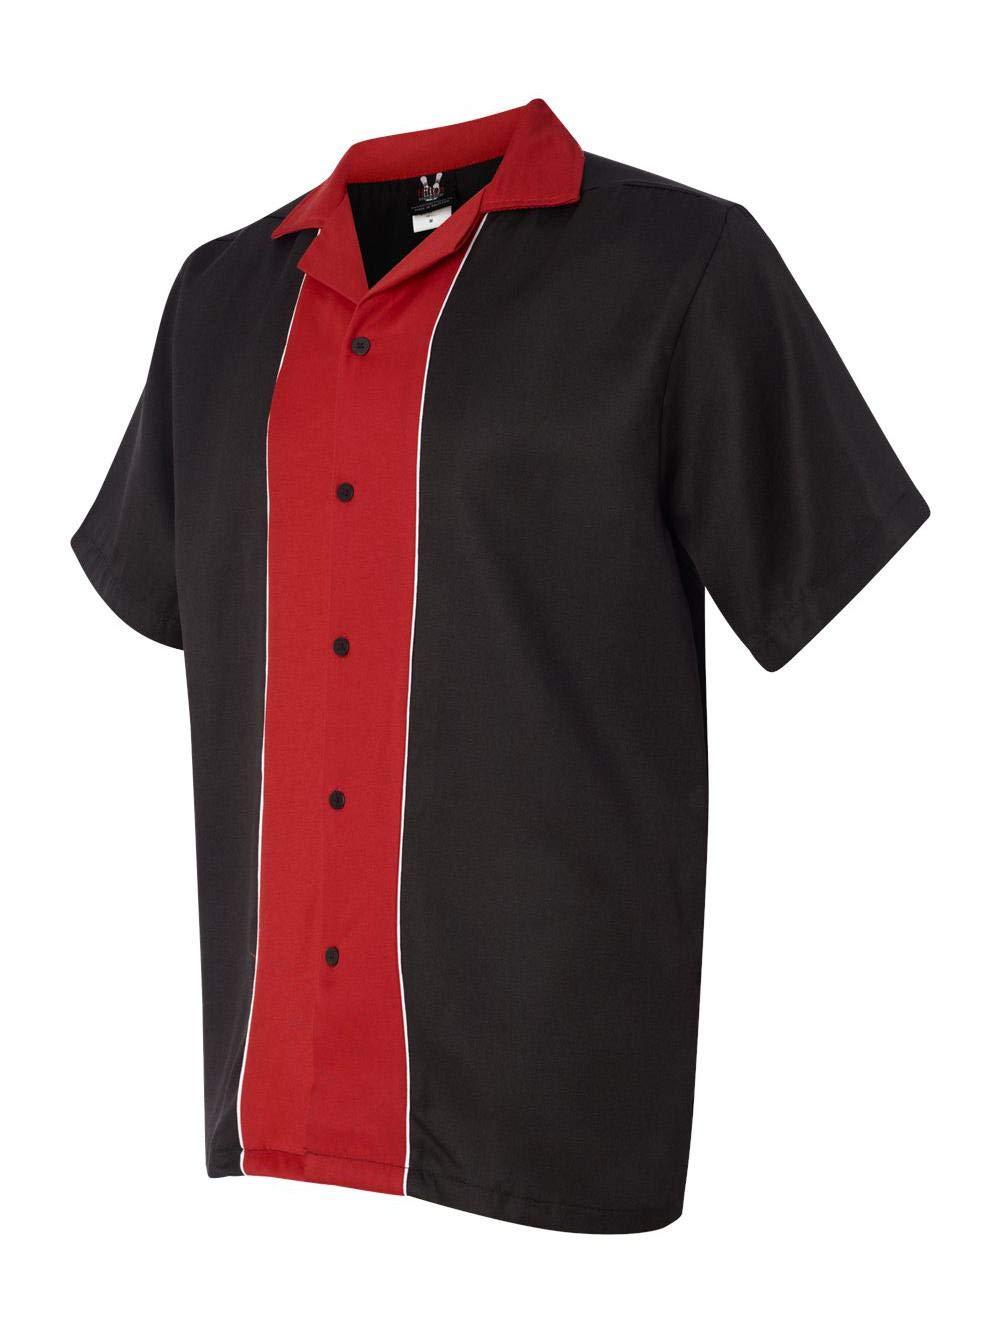 Hilton Bowling Retro Quest (Black_Red) (3X) by Hilton